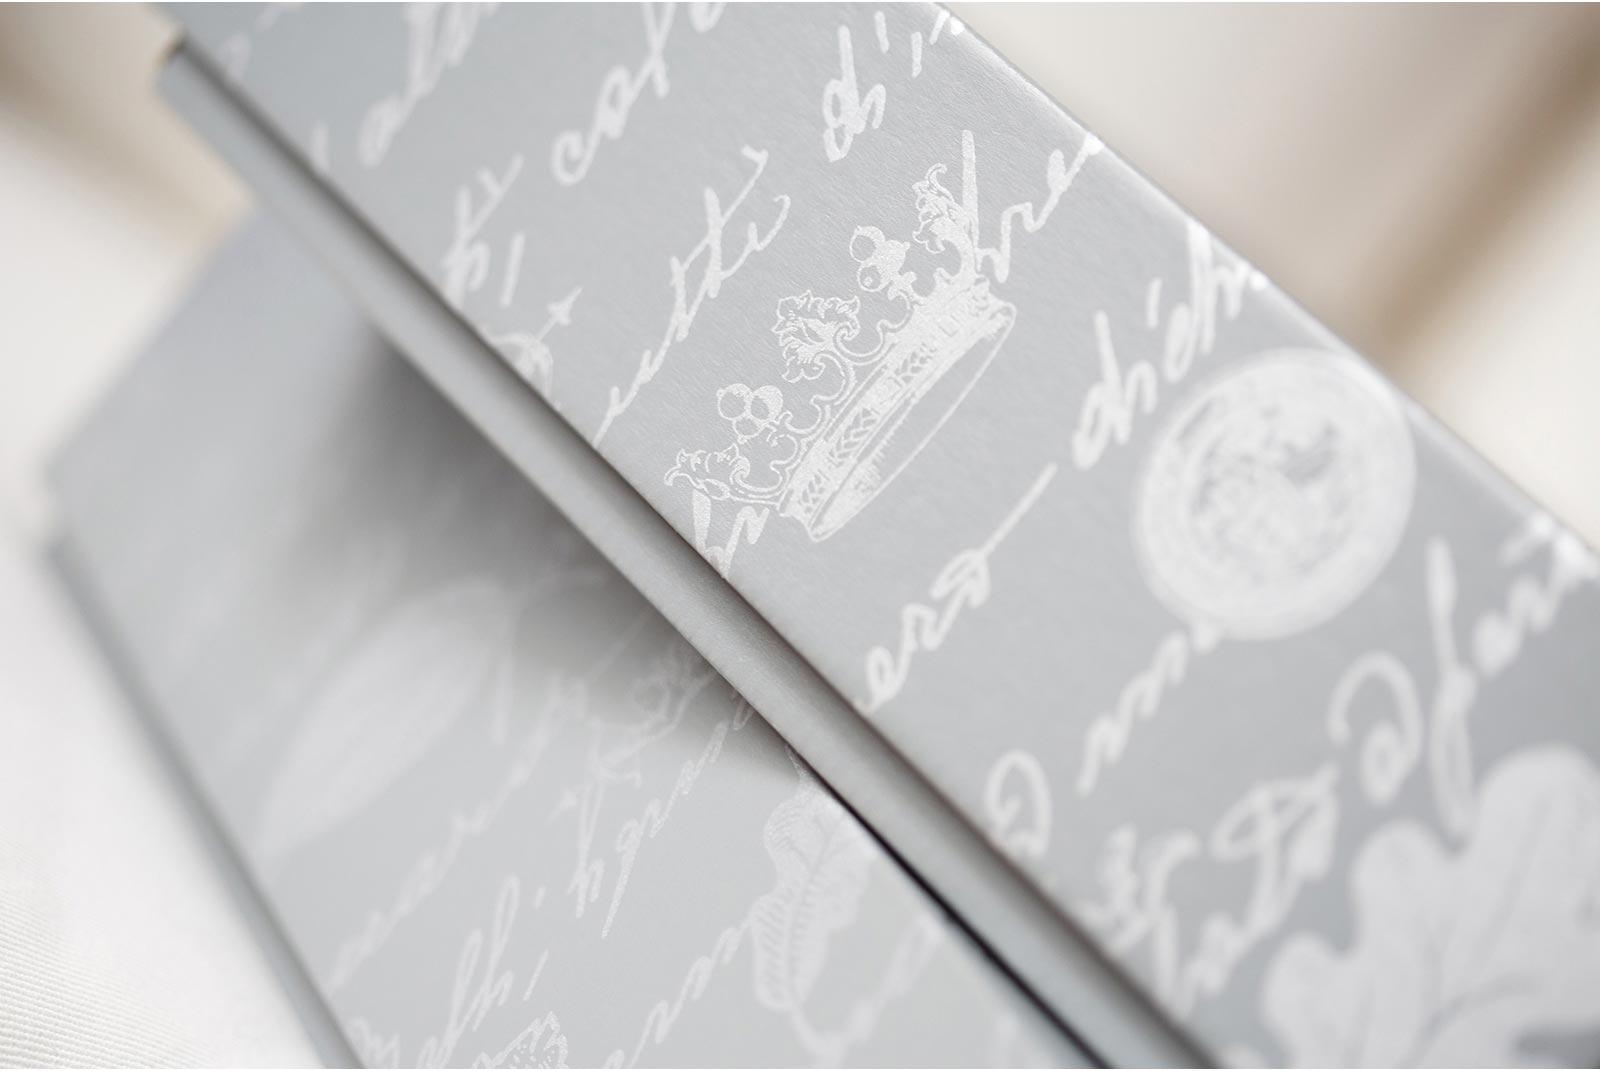 Queensberry packaging wedding album